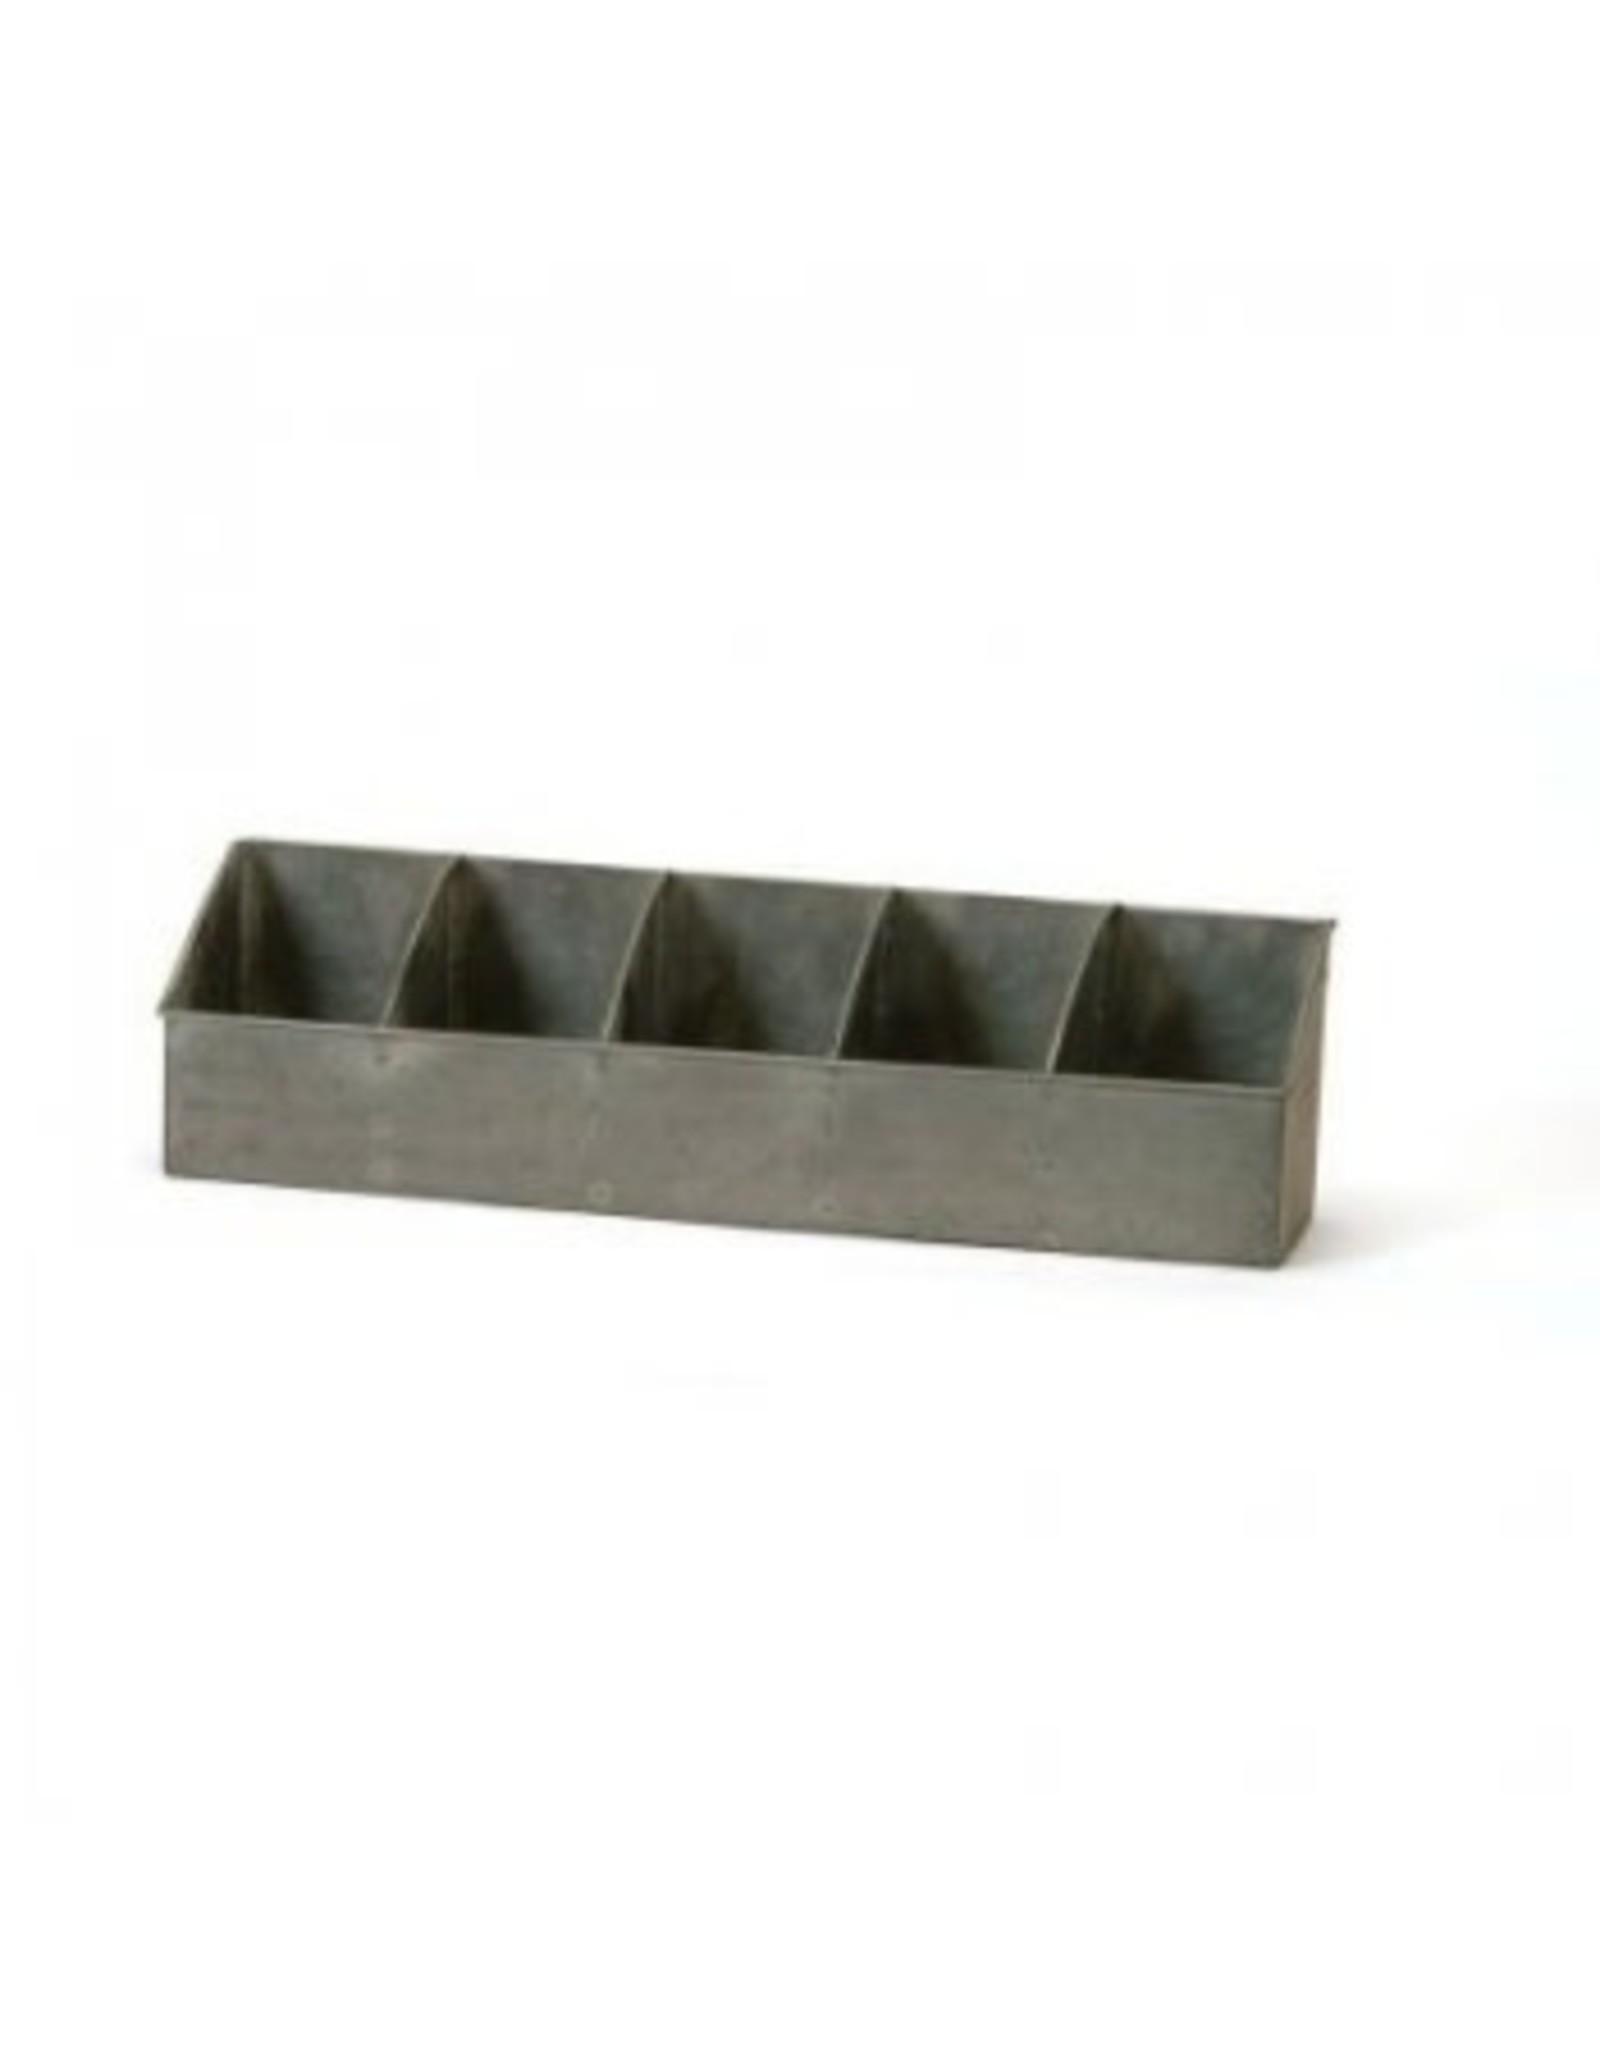 Panier en métal à 5 compartiments